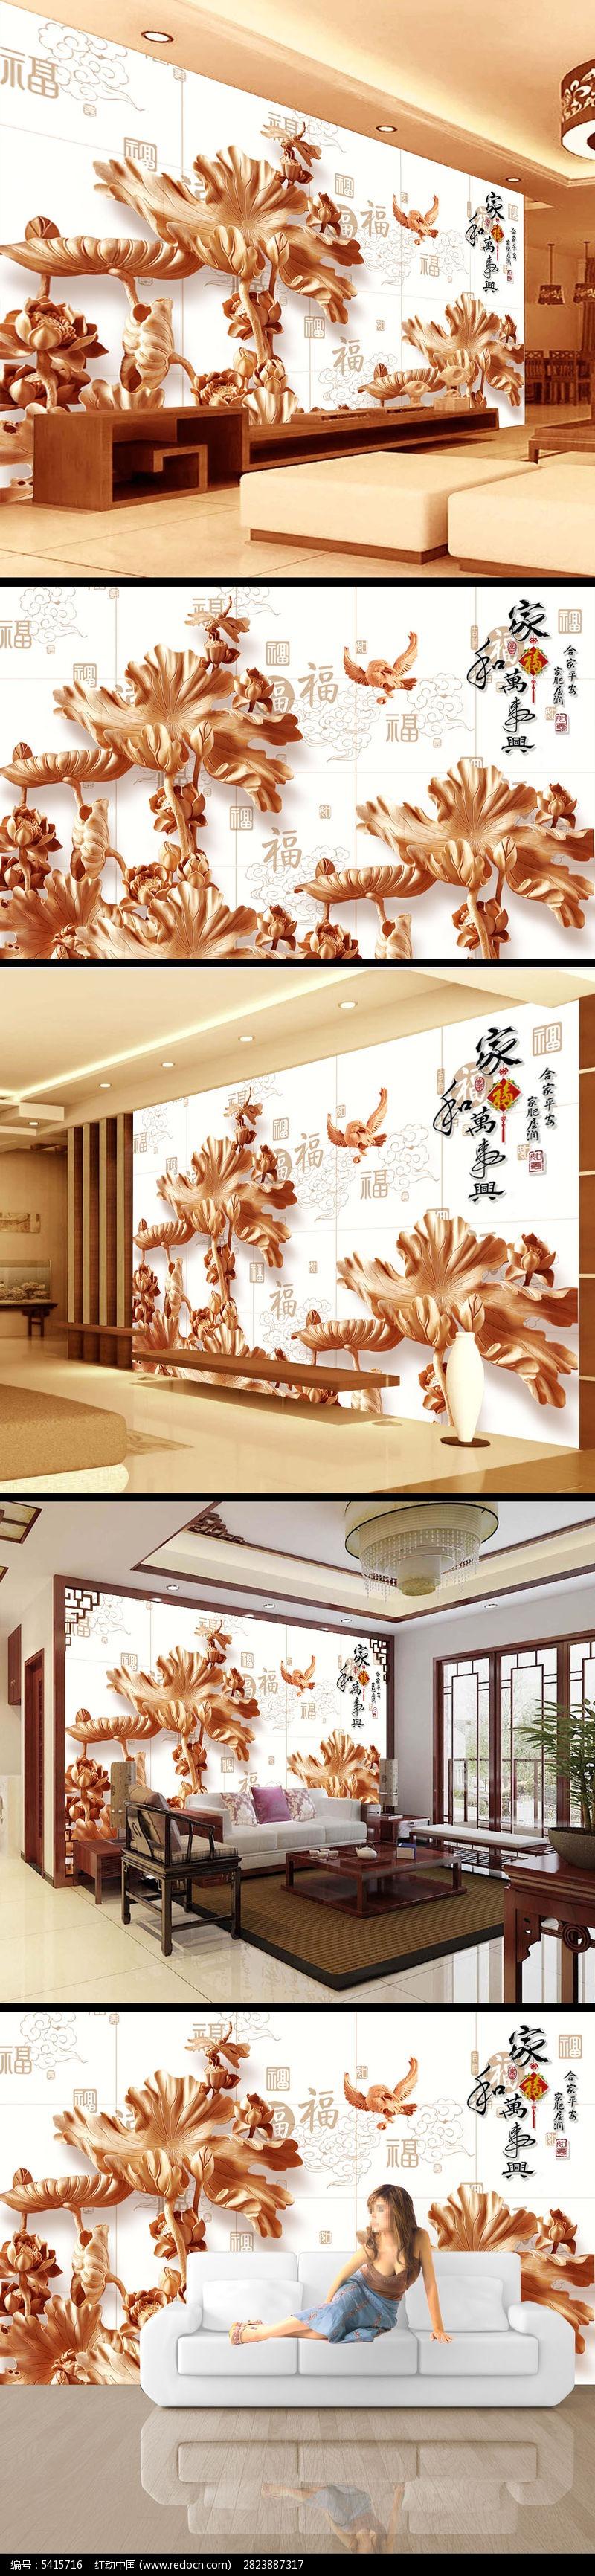 中式古韵荷花荷叶木雕背景墙